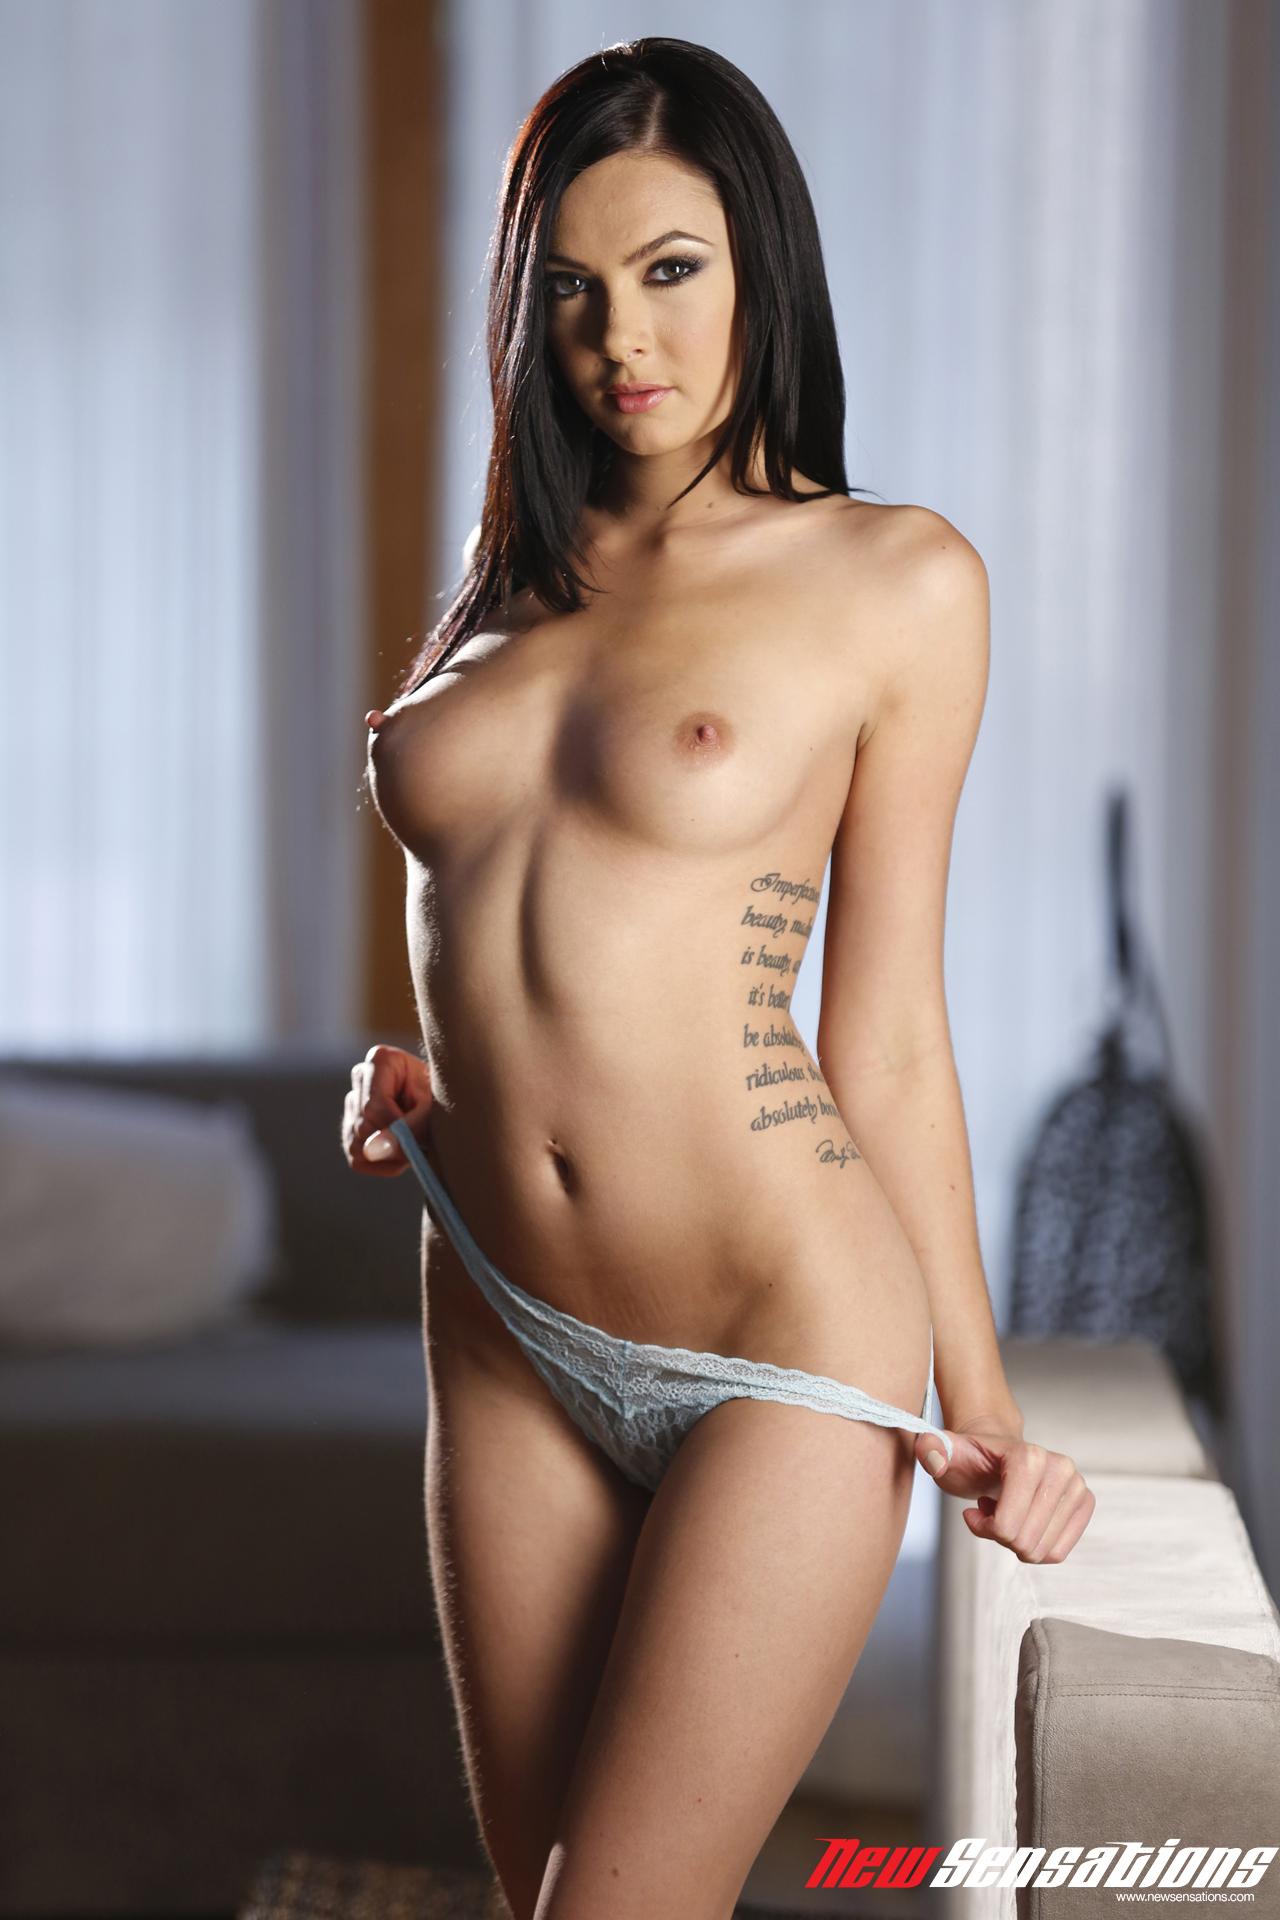 Marley Nude